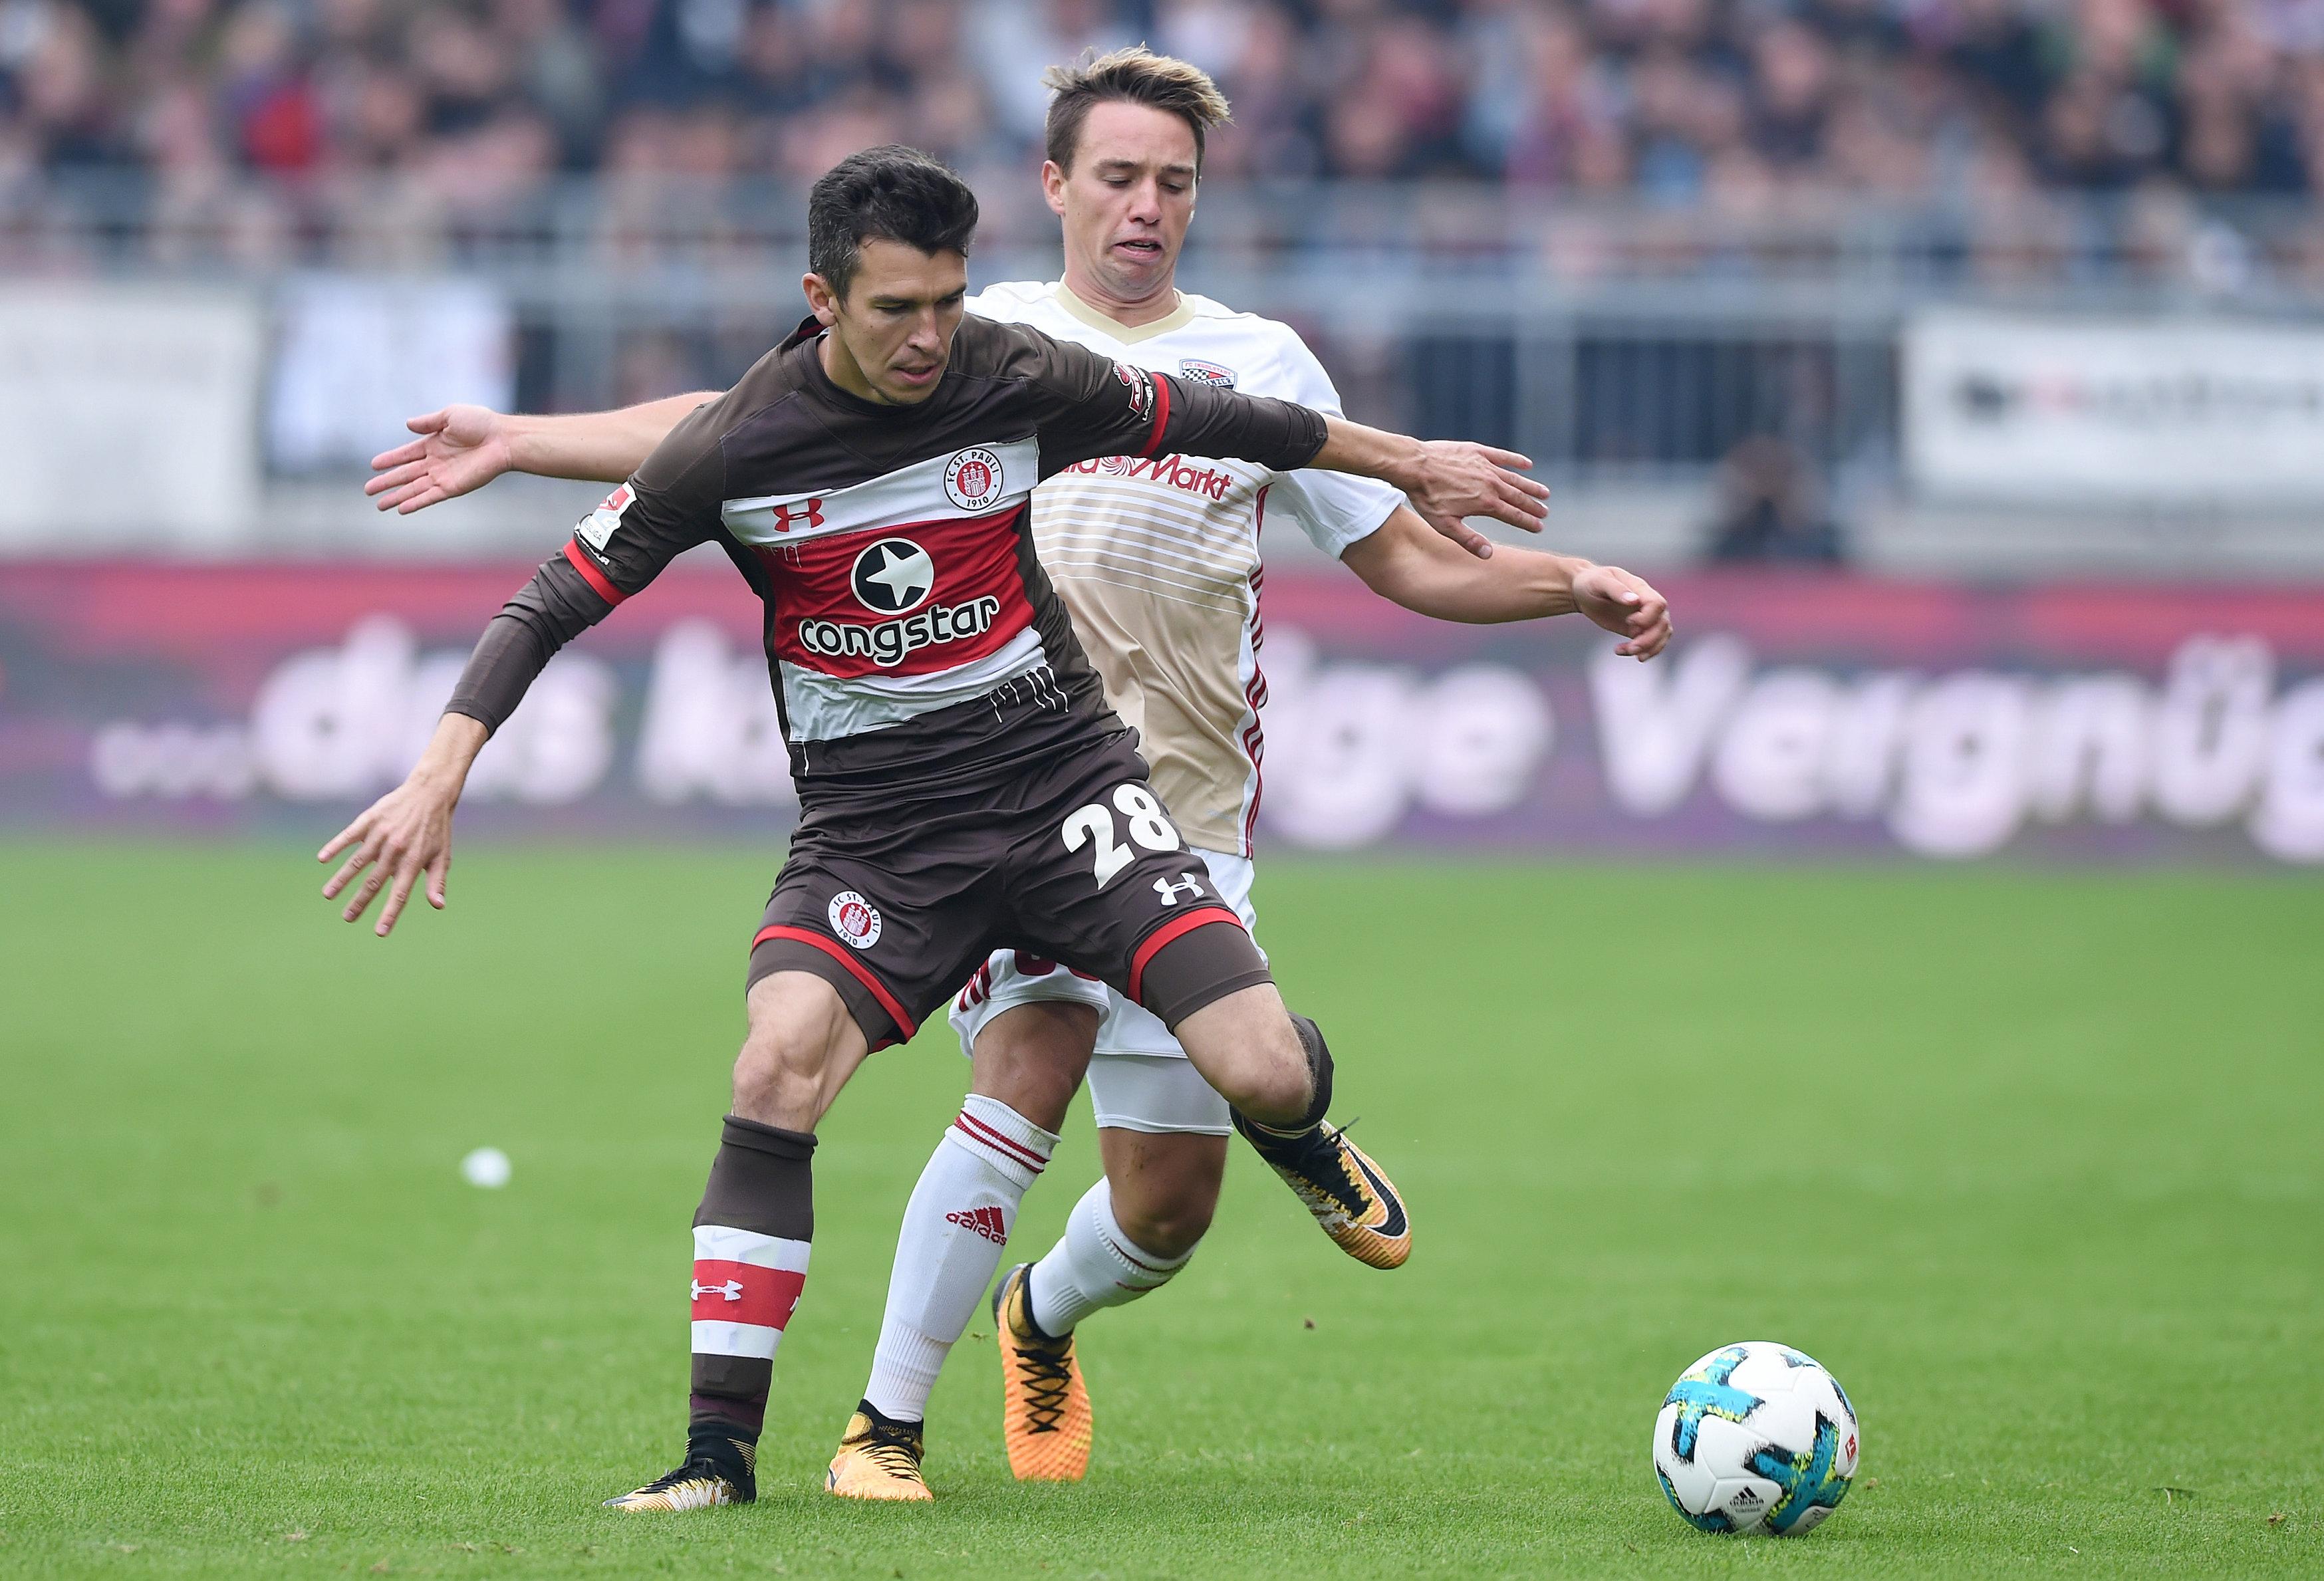 Zu Gast beim FC Ingolstadt - Infos zum Kartenverkauf